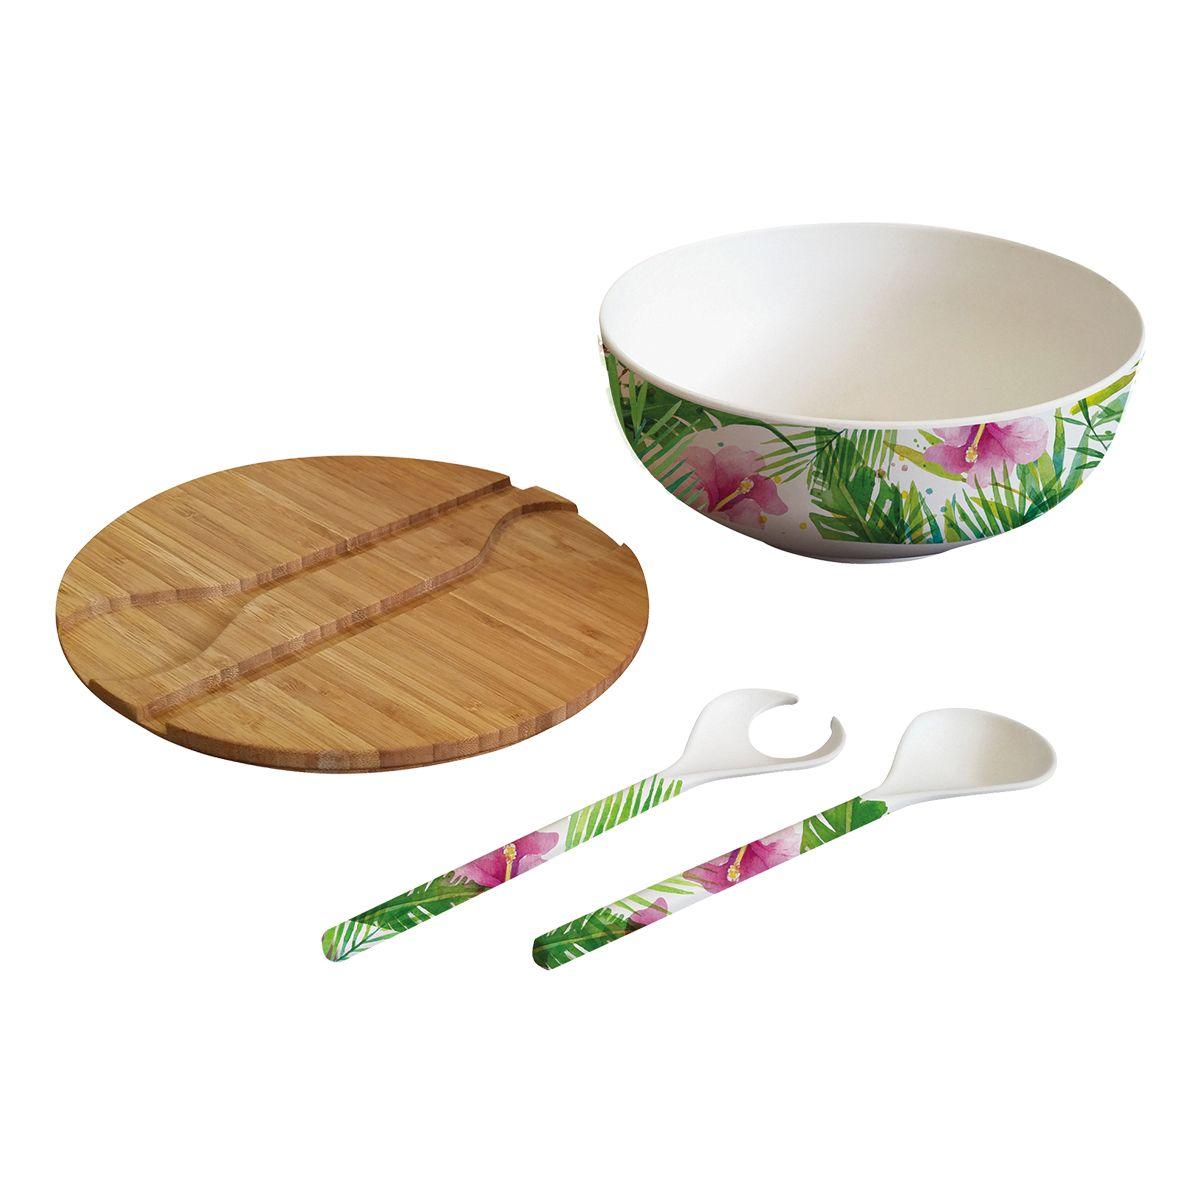 Bamboo Salad Bowl Tropical Ppd Paperproductsdesign Saladbowl